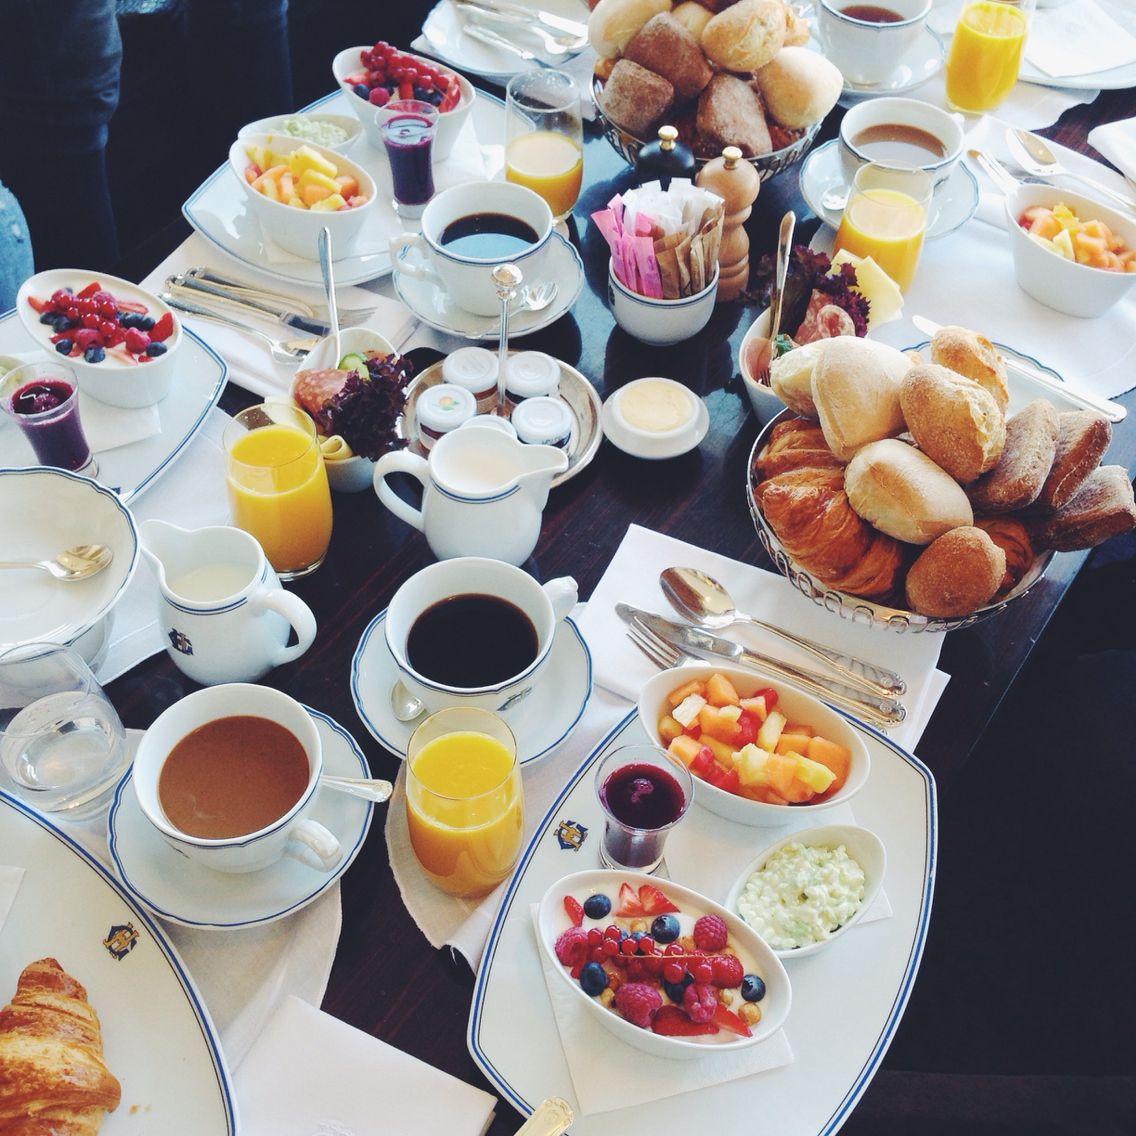 Breakfast in stockholm decoracion de mesas para desayuno - Mesas de desayuno ...